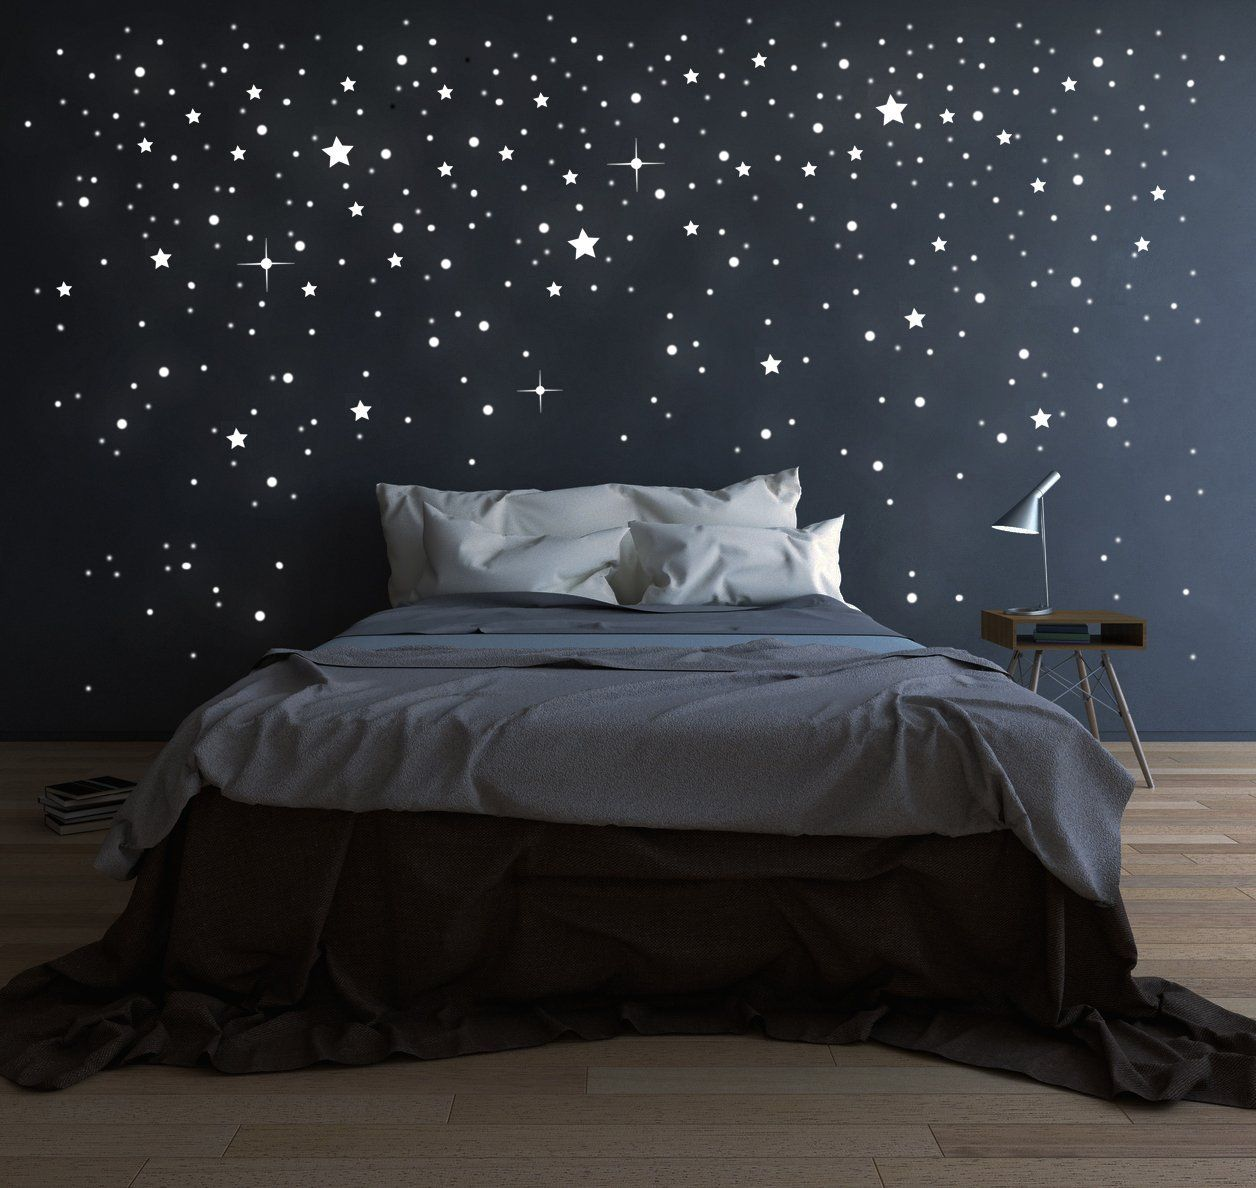 riesen sternenhimmel 708 stk sterne wandtattoo fluoreszierend leuchtende sterne leuchtsterne. Black Bedroom Furniture Sets. Home Design Ideas